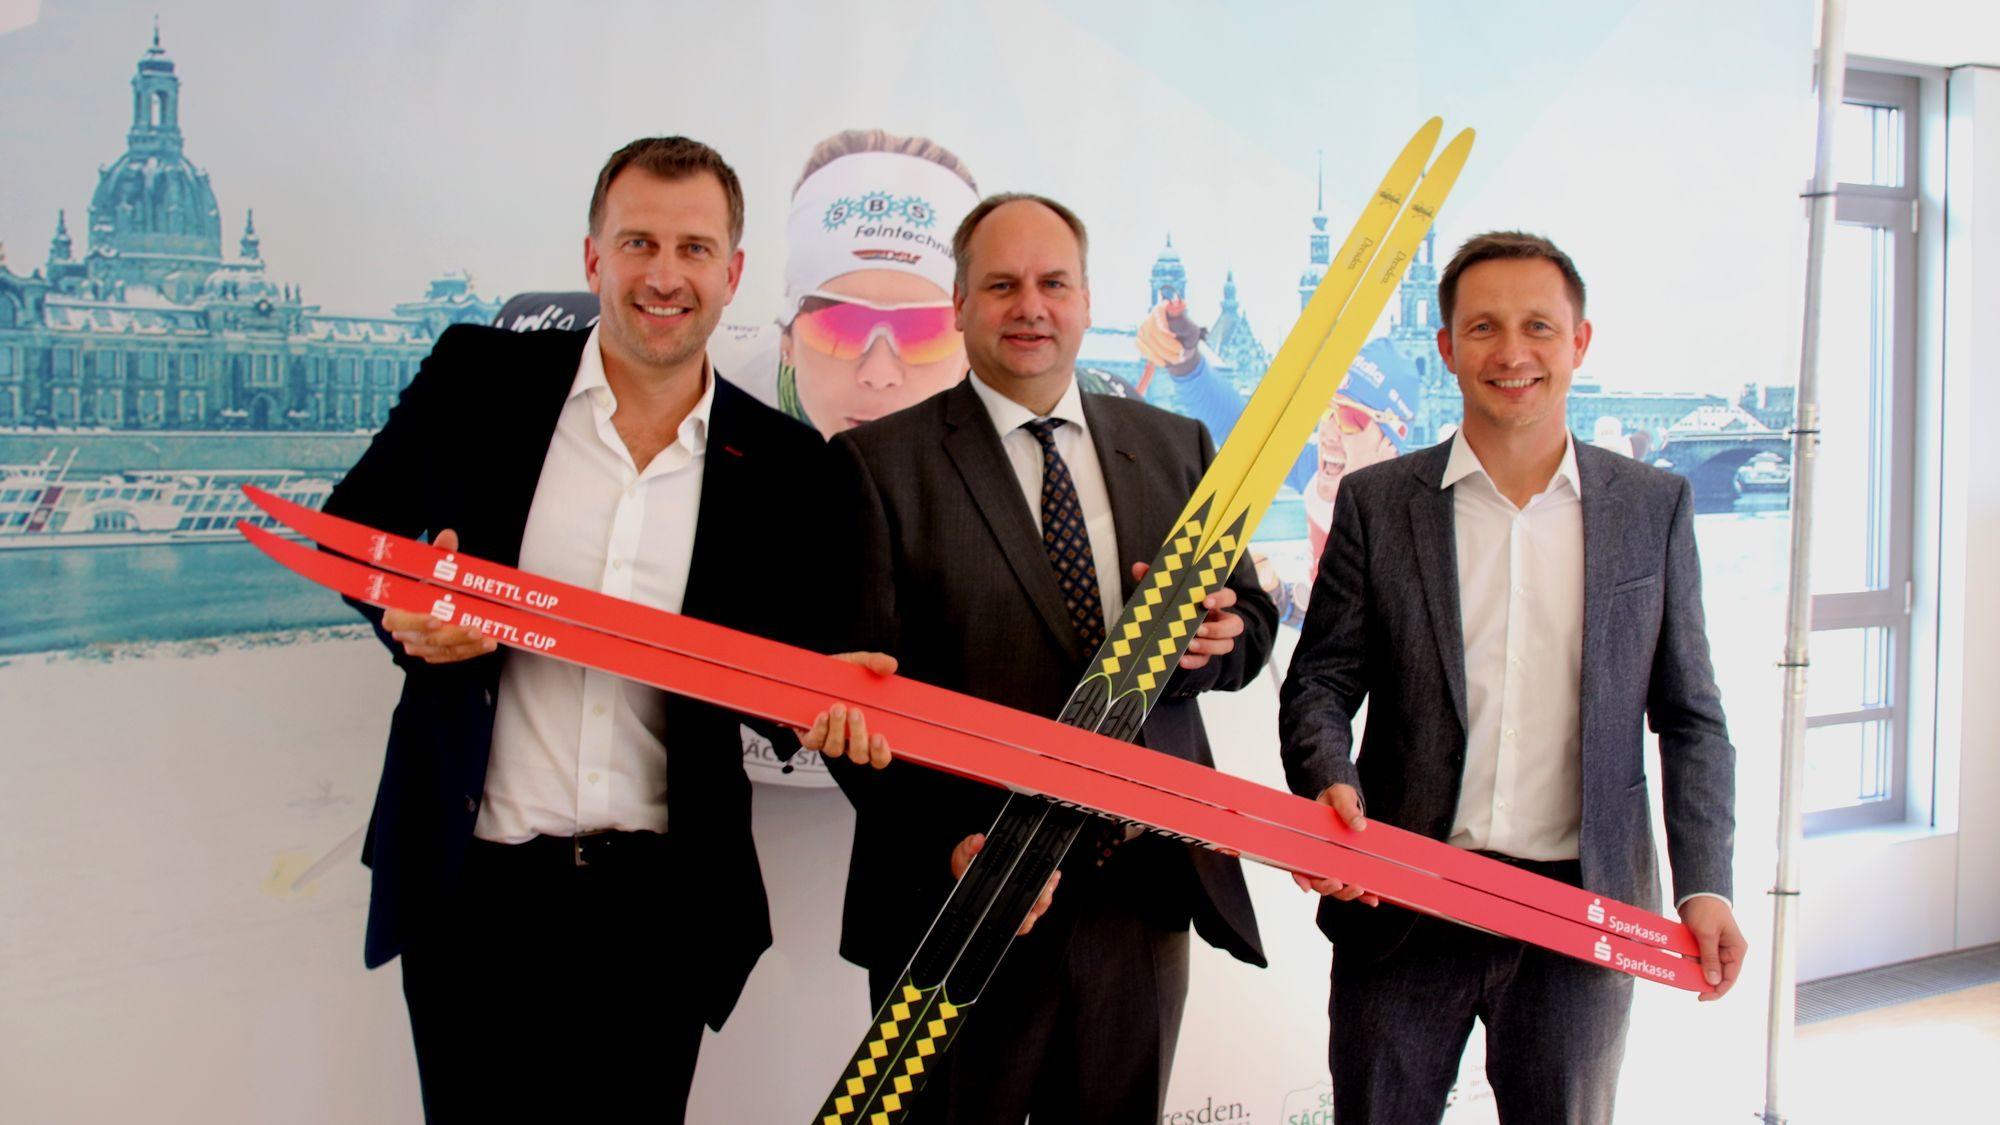 René Kindermann, Dirk Hilbert und Torsten Püschel (v.l.)